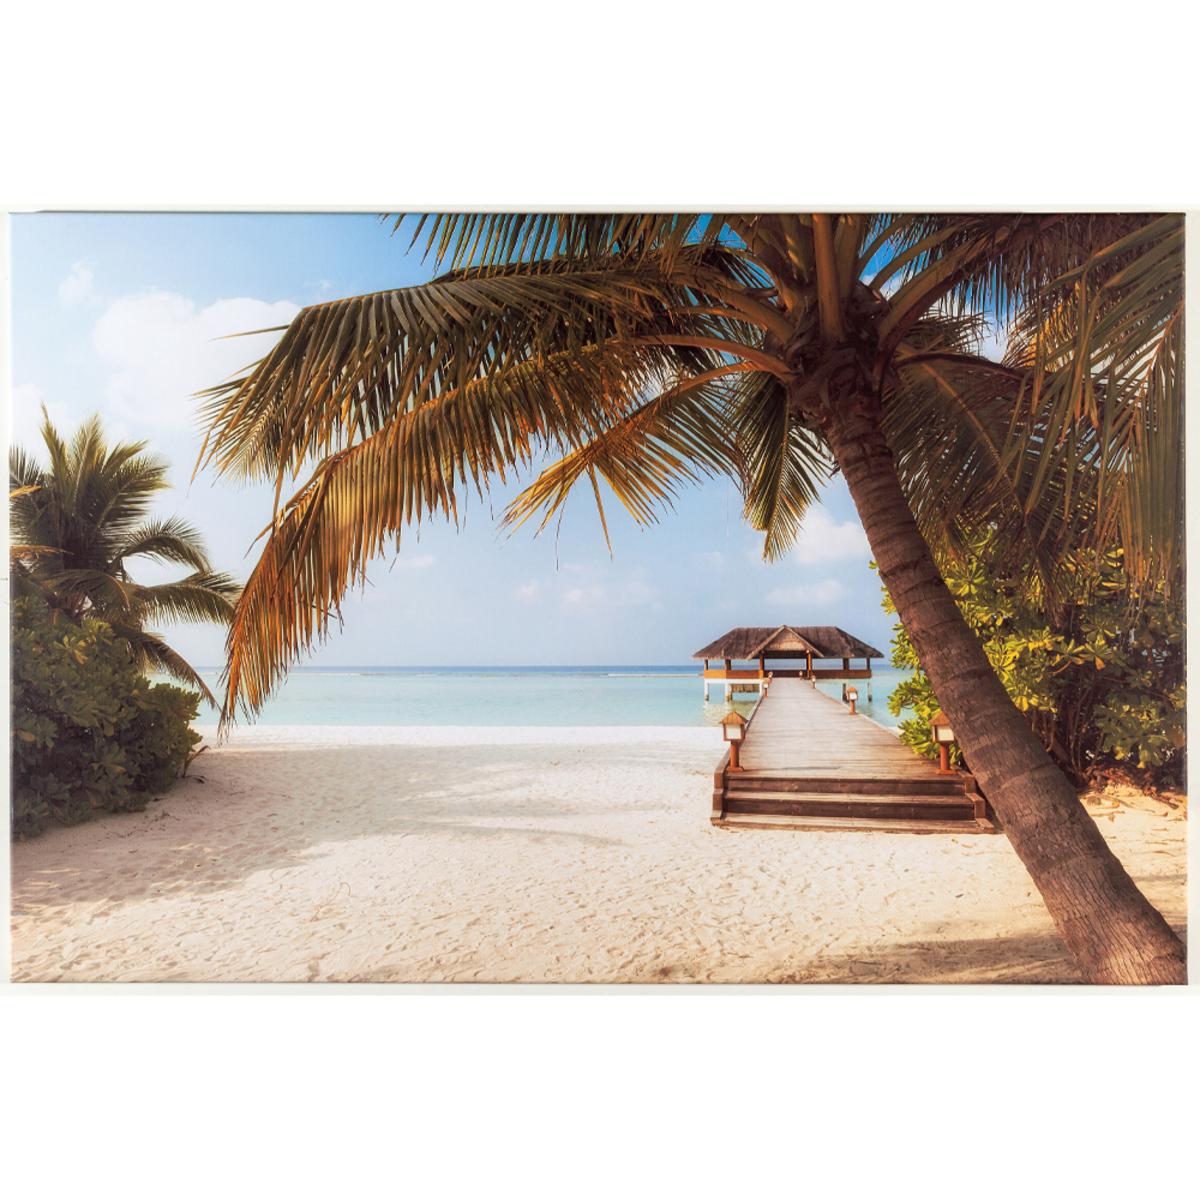 Bild 1 von Bella Casa XXL-Kunstdruck, ca. 75 x 115 cm - Palmen